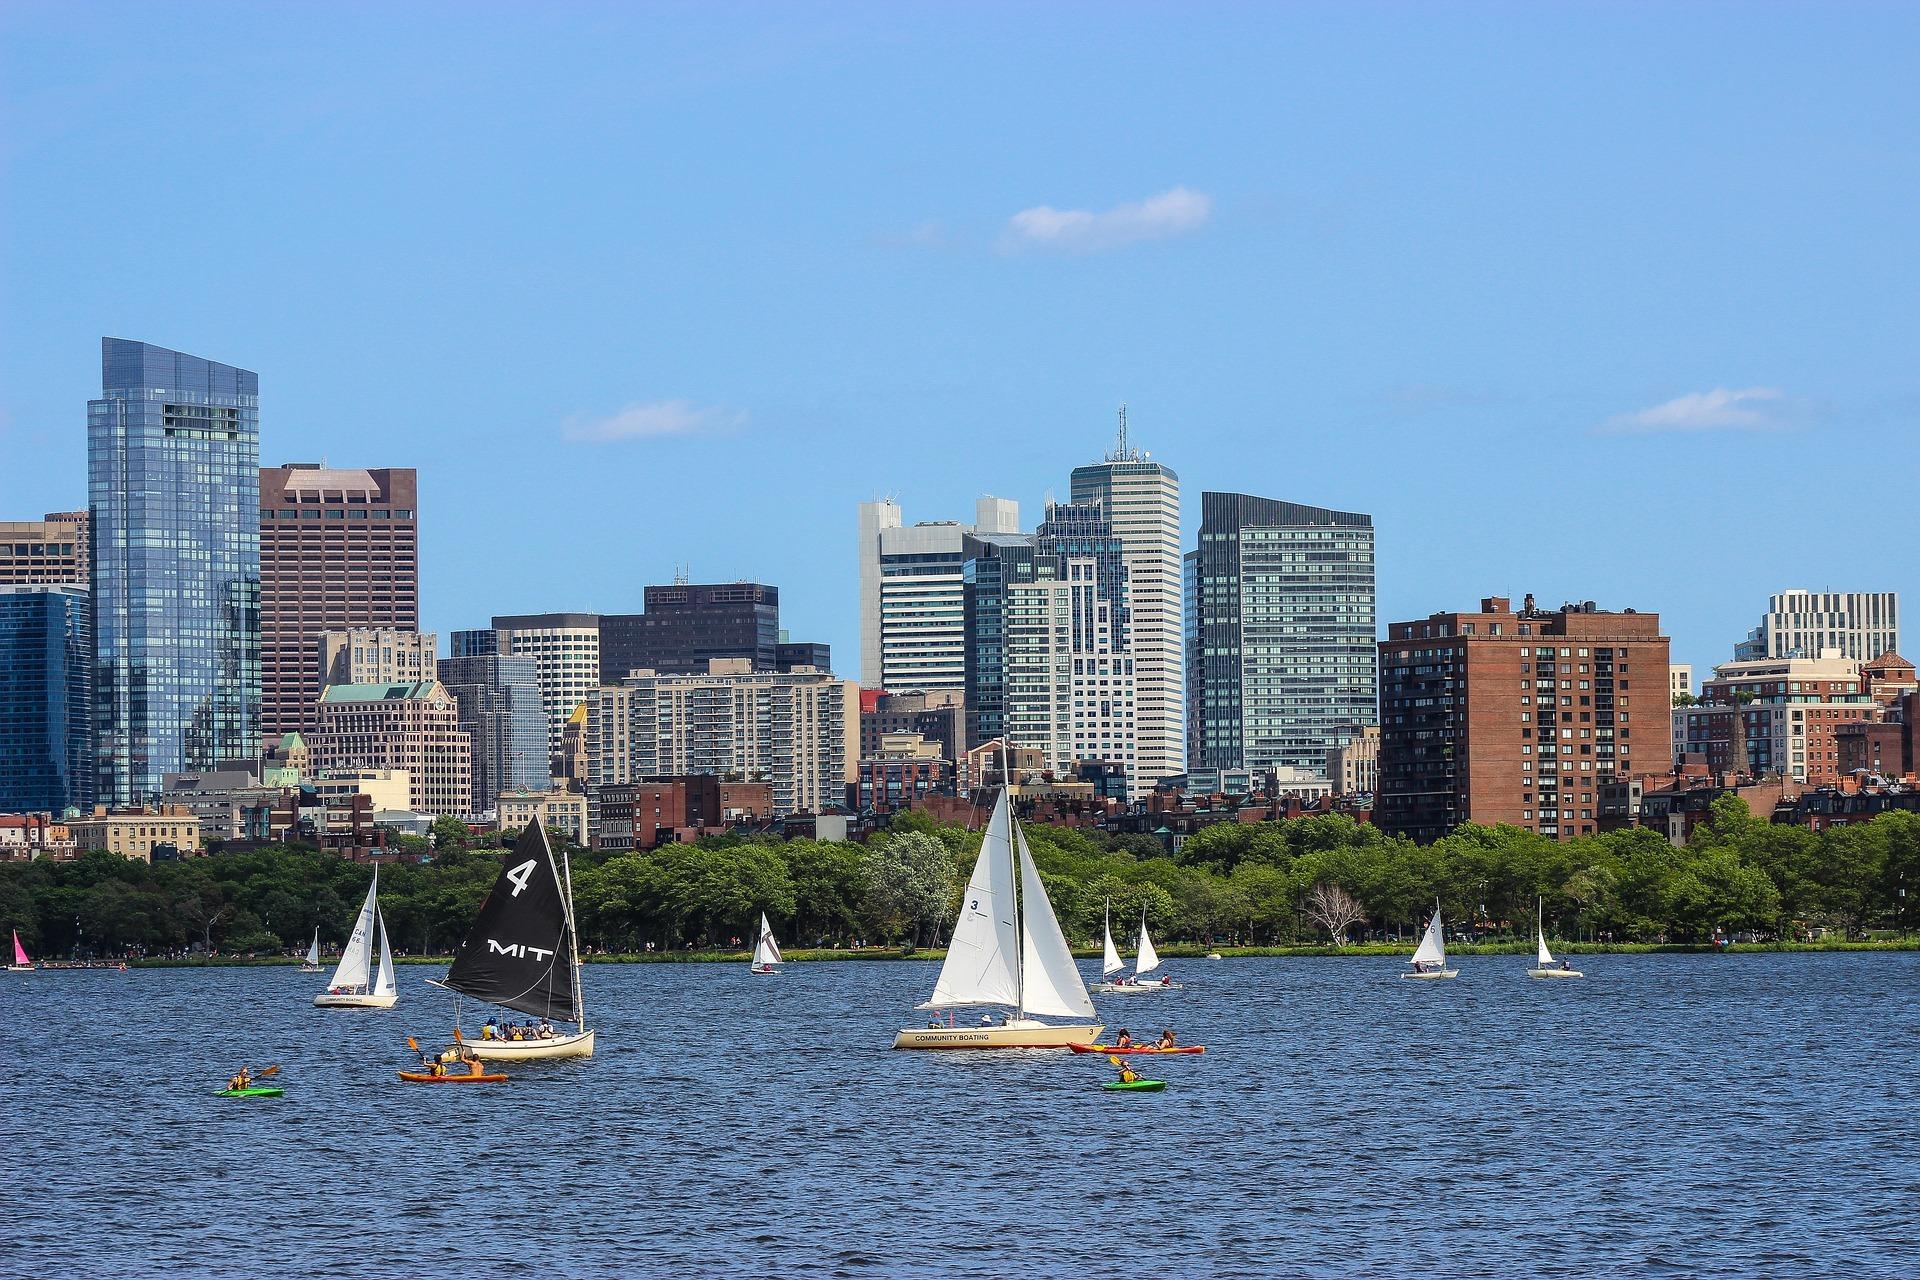 ボストン半日観光 (チャールス川のほとりよりボストンのスカイラインを一望)